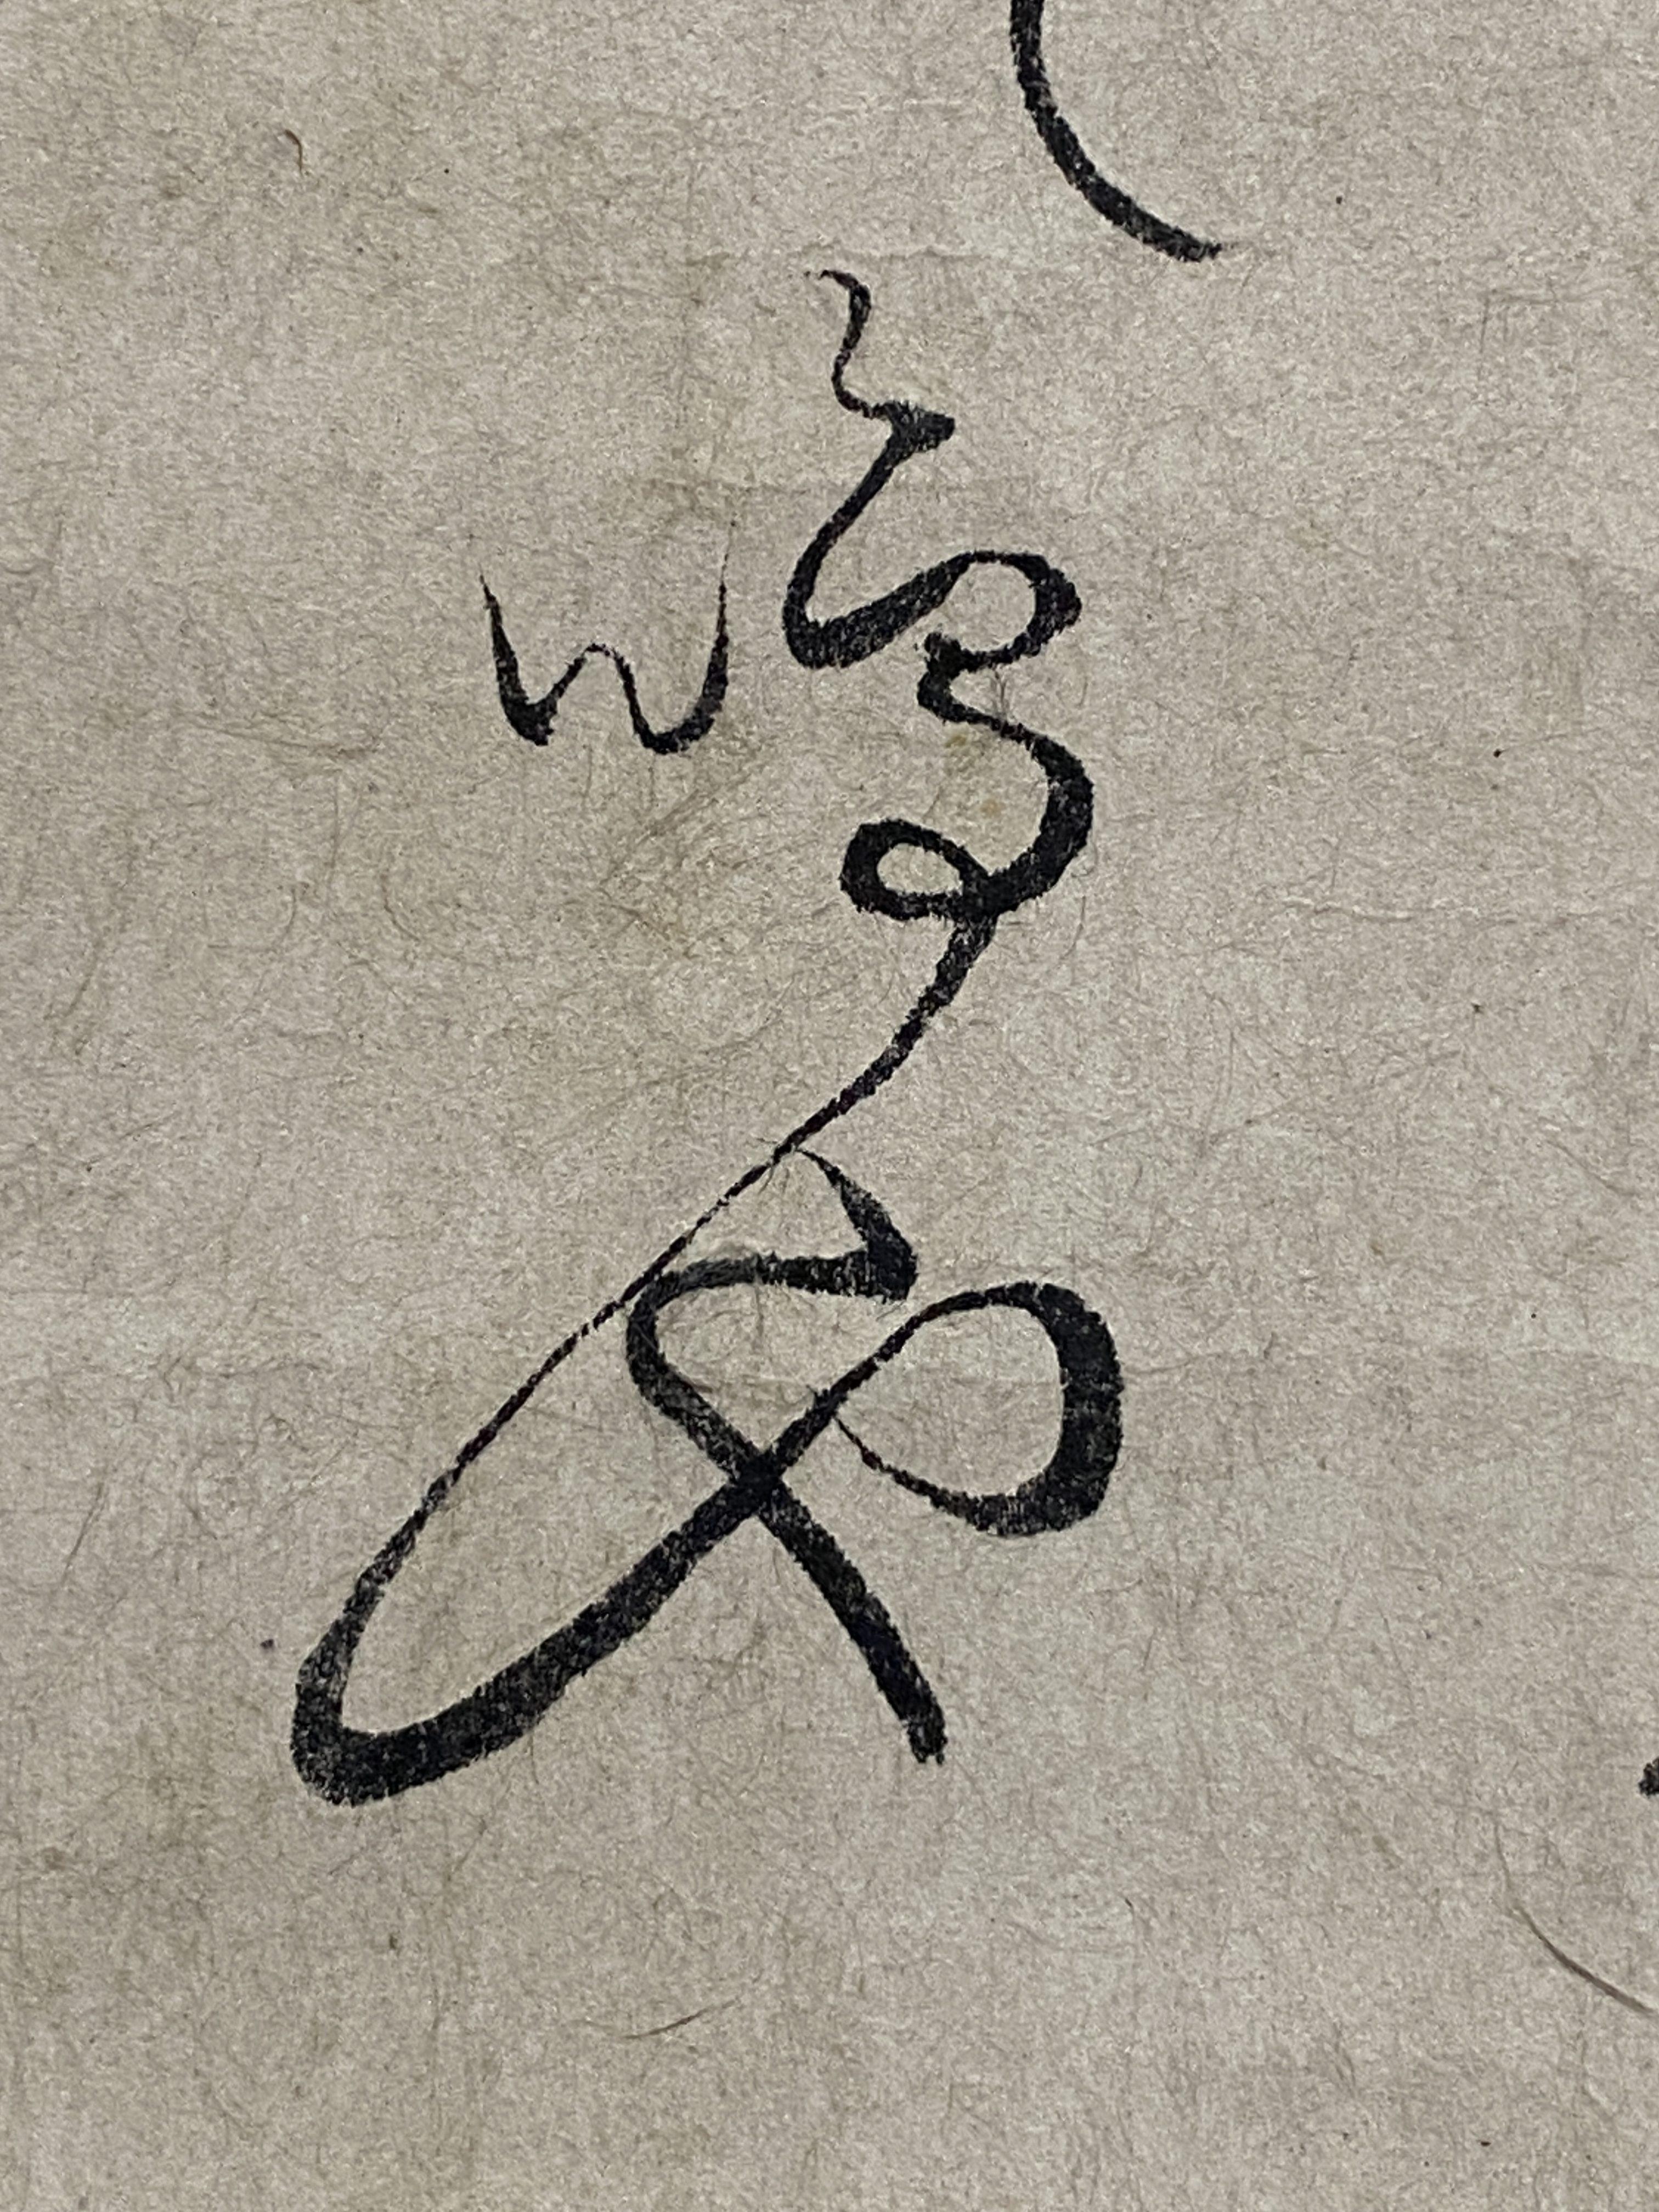 上田秋成 和歌 題:雨間郭公 掛け軸